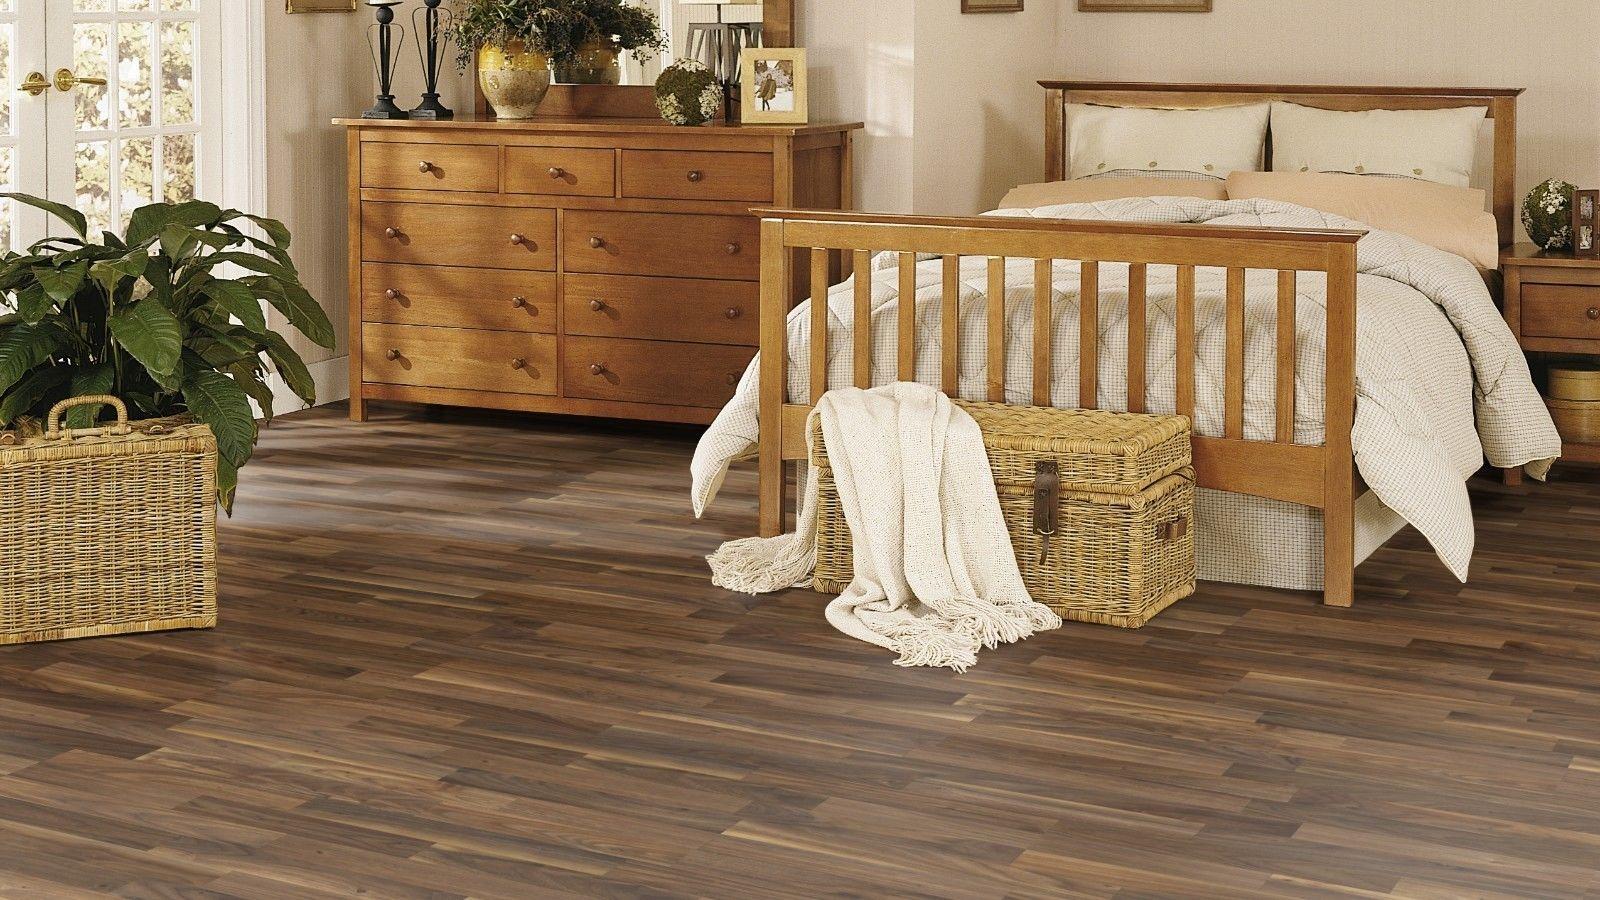 sàn gỗ công nghiệp cao cấp tphcm